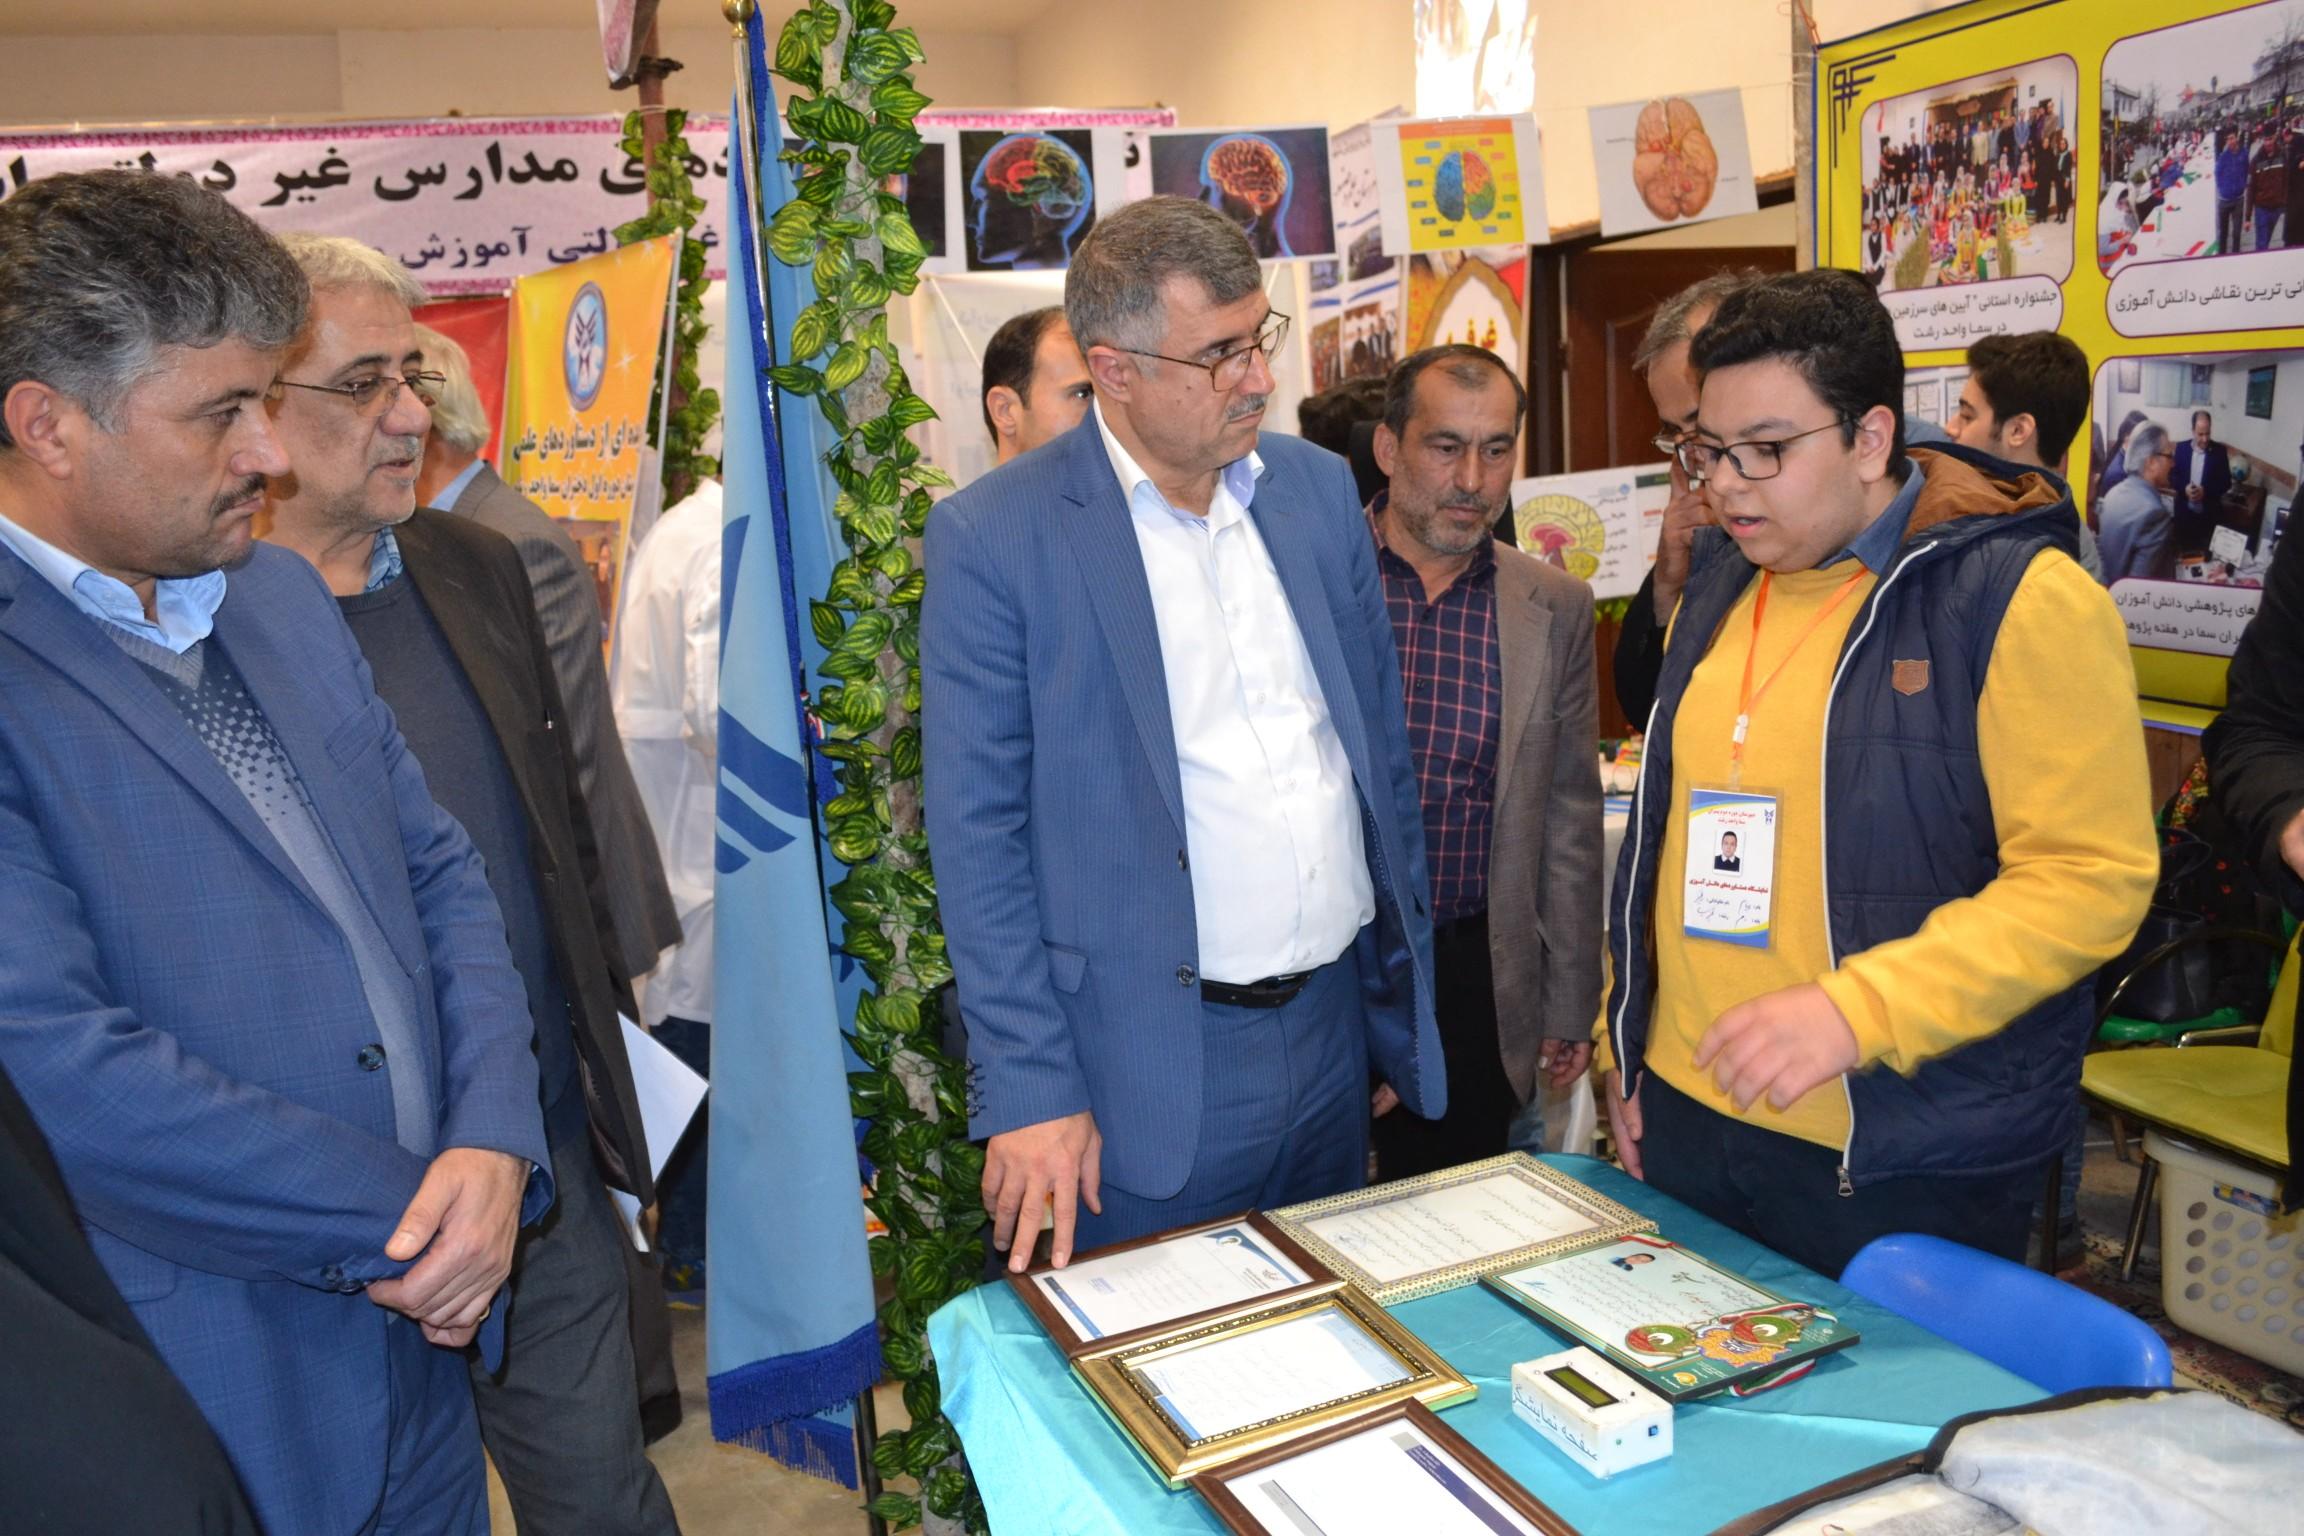 نمایشگاه مدارس غیر دولتی به میزبانی سما واحد رشت3